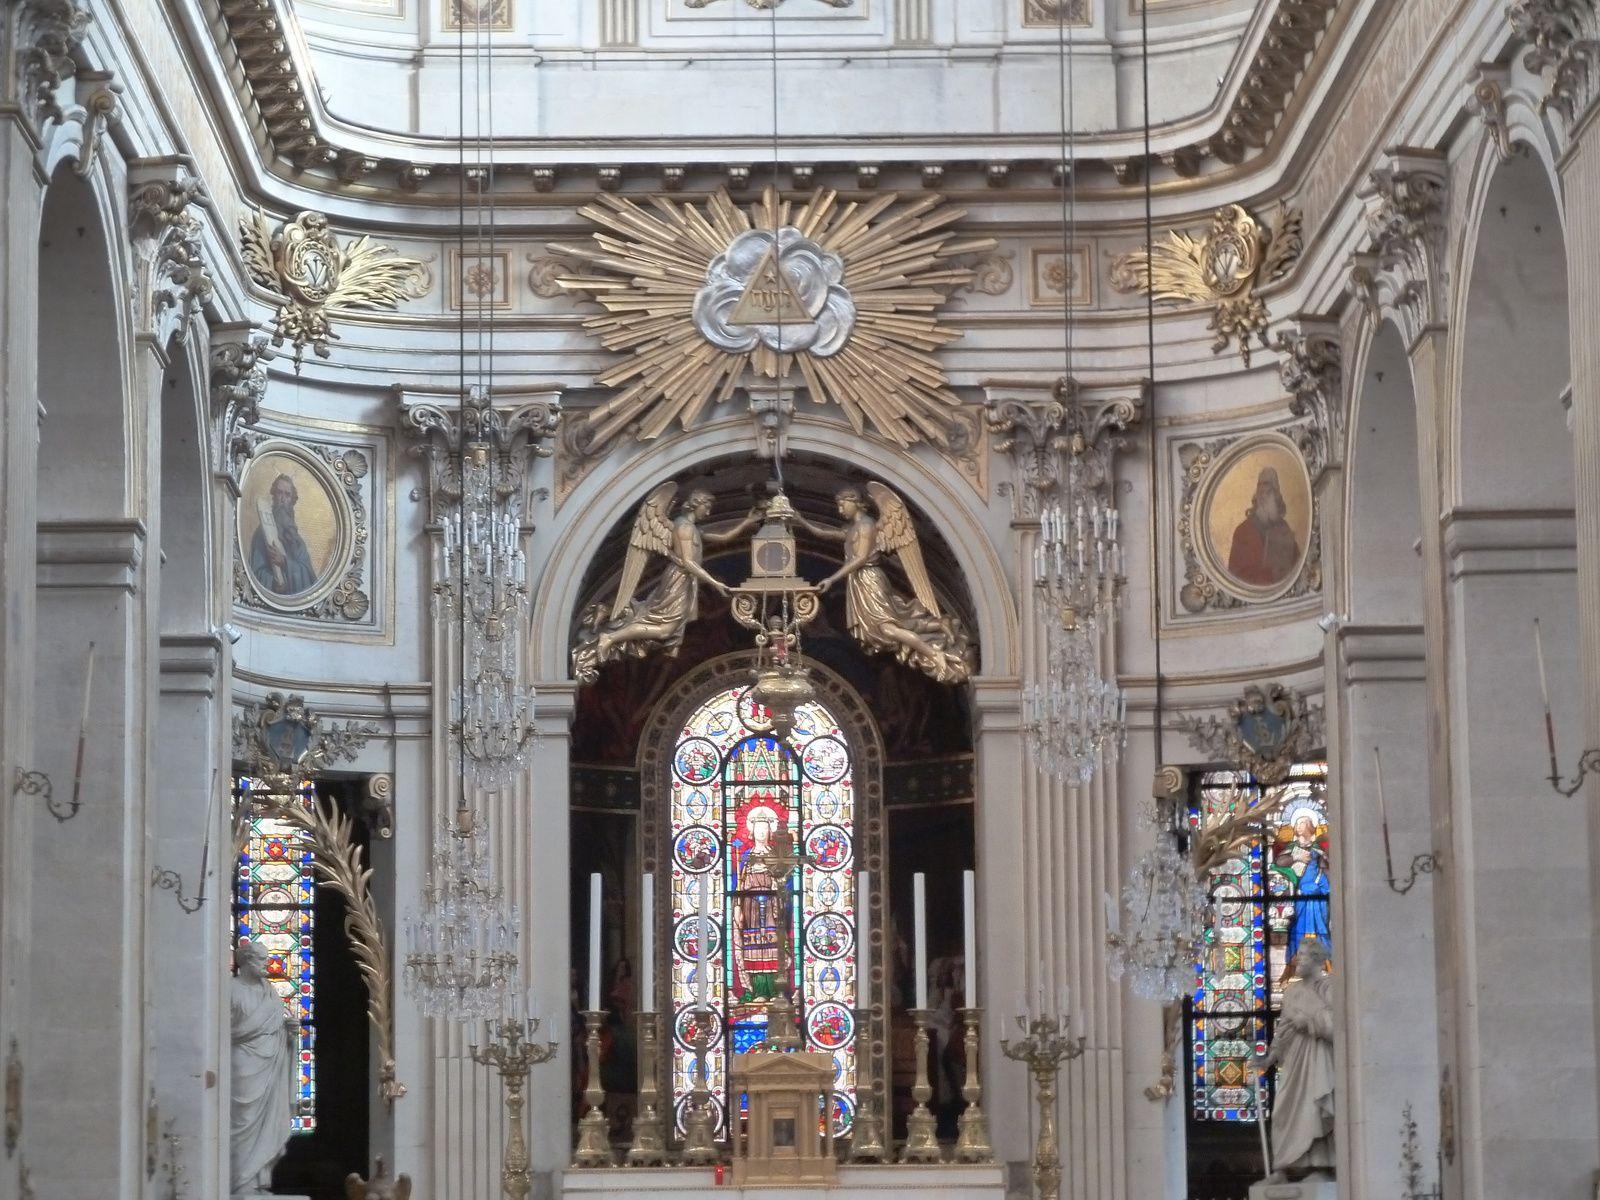 La décoration intérieure de l'église a été confiée à Jean-Baptiste de Champaigne (1631-1681), neveu du célèbre peintre Philippe de Champaigne. La décoration a été réalisée sobrement, dans un style voisin de celle de l'église Saint-Jacques-du-Haut-Pas, toutes les dorures actuelles ne datant que du XIXème siècle. Lire ci-dessous...